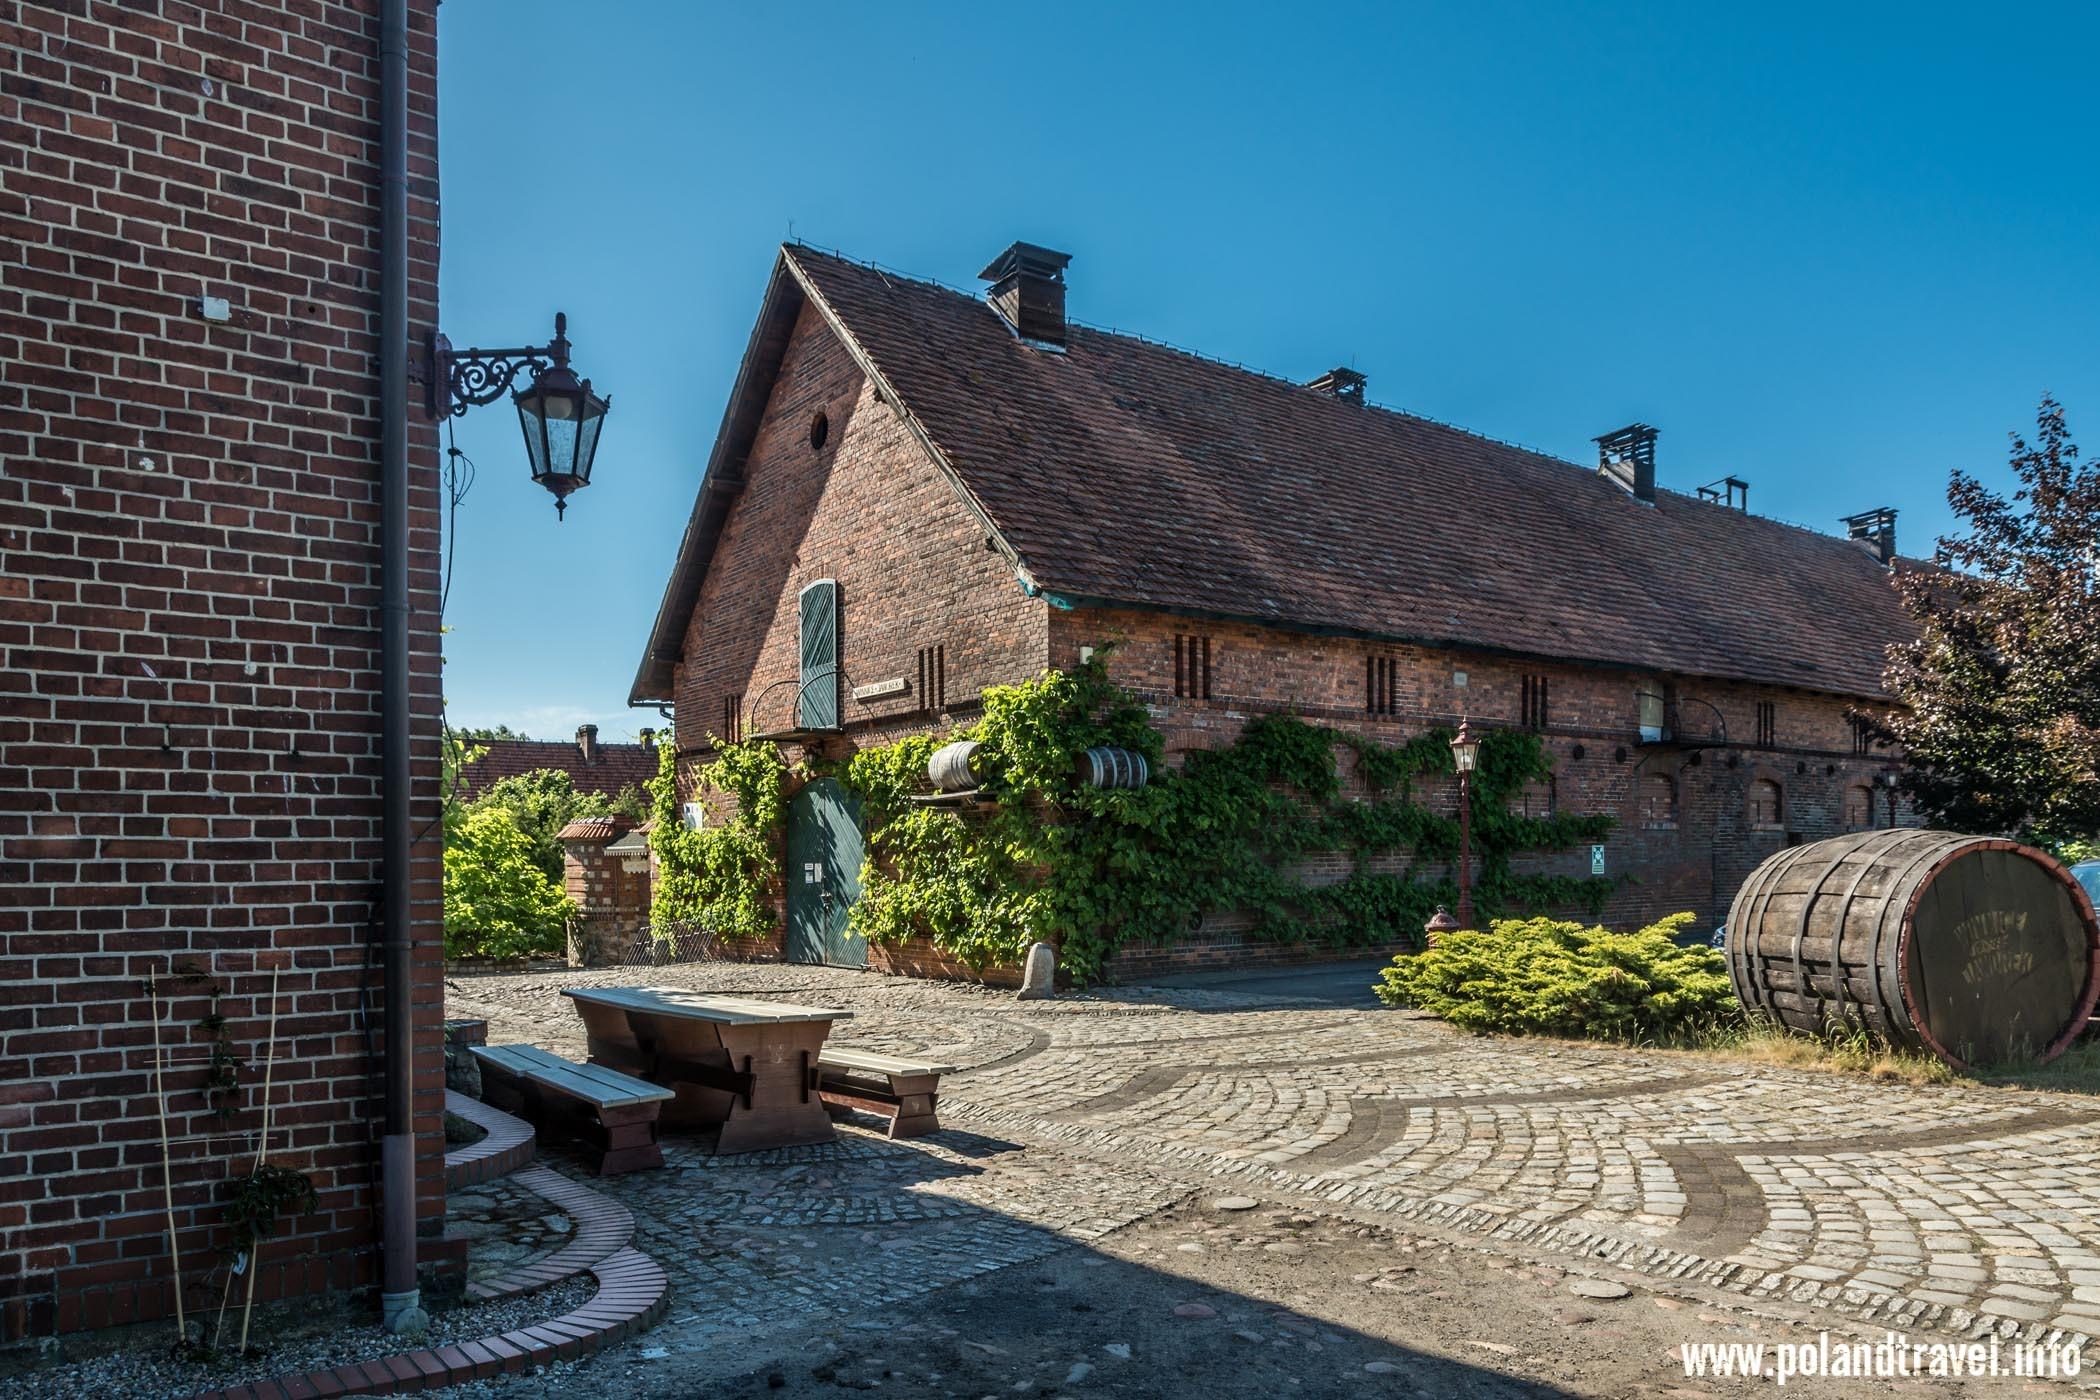 Ceglany historyczny budynek rolniczy, z przodu wielka beczka do wina, ładny bruk z przodu wraz z fragmentem budynku hotelu